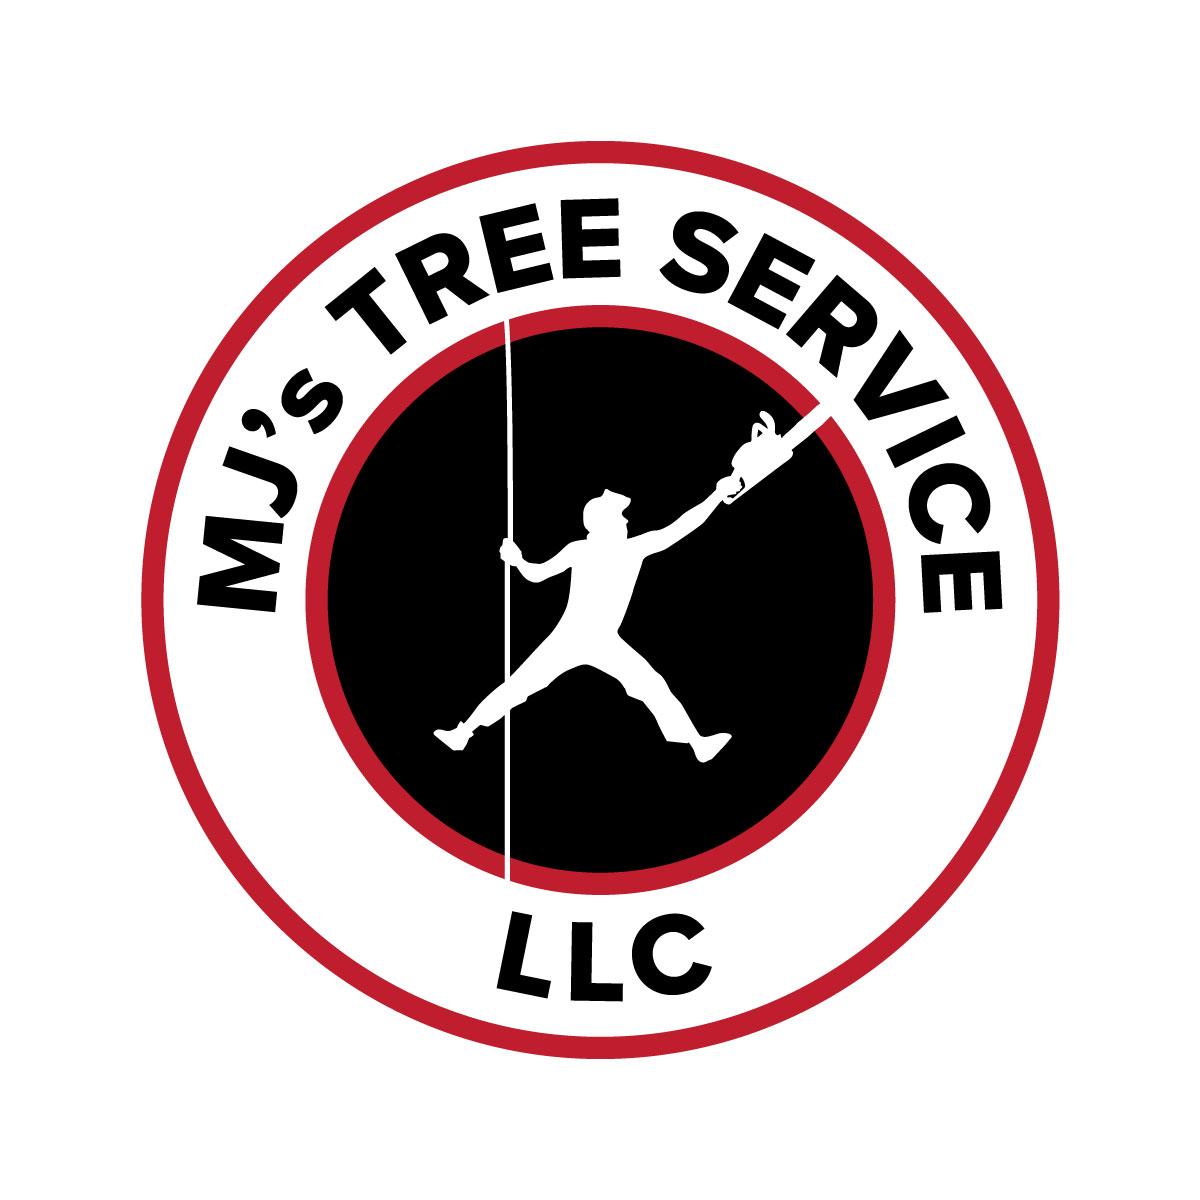 MJ's Tree Service Llc.